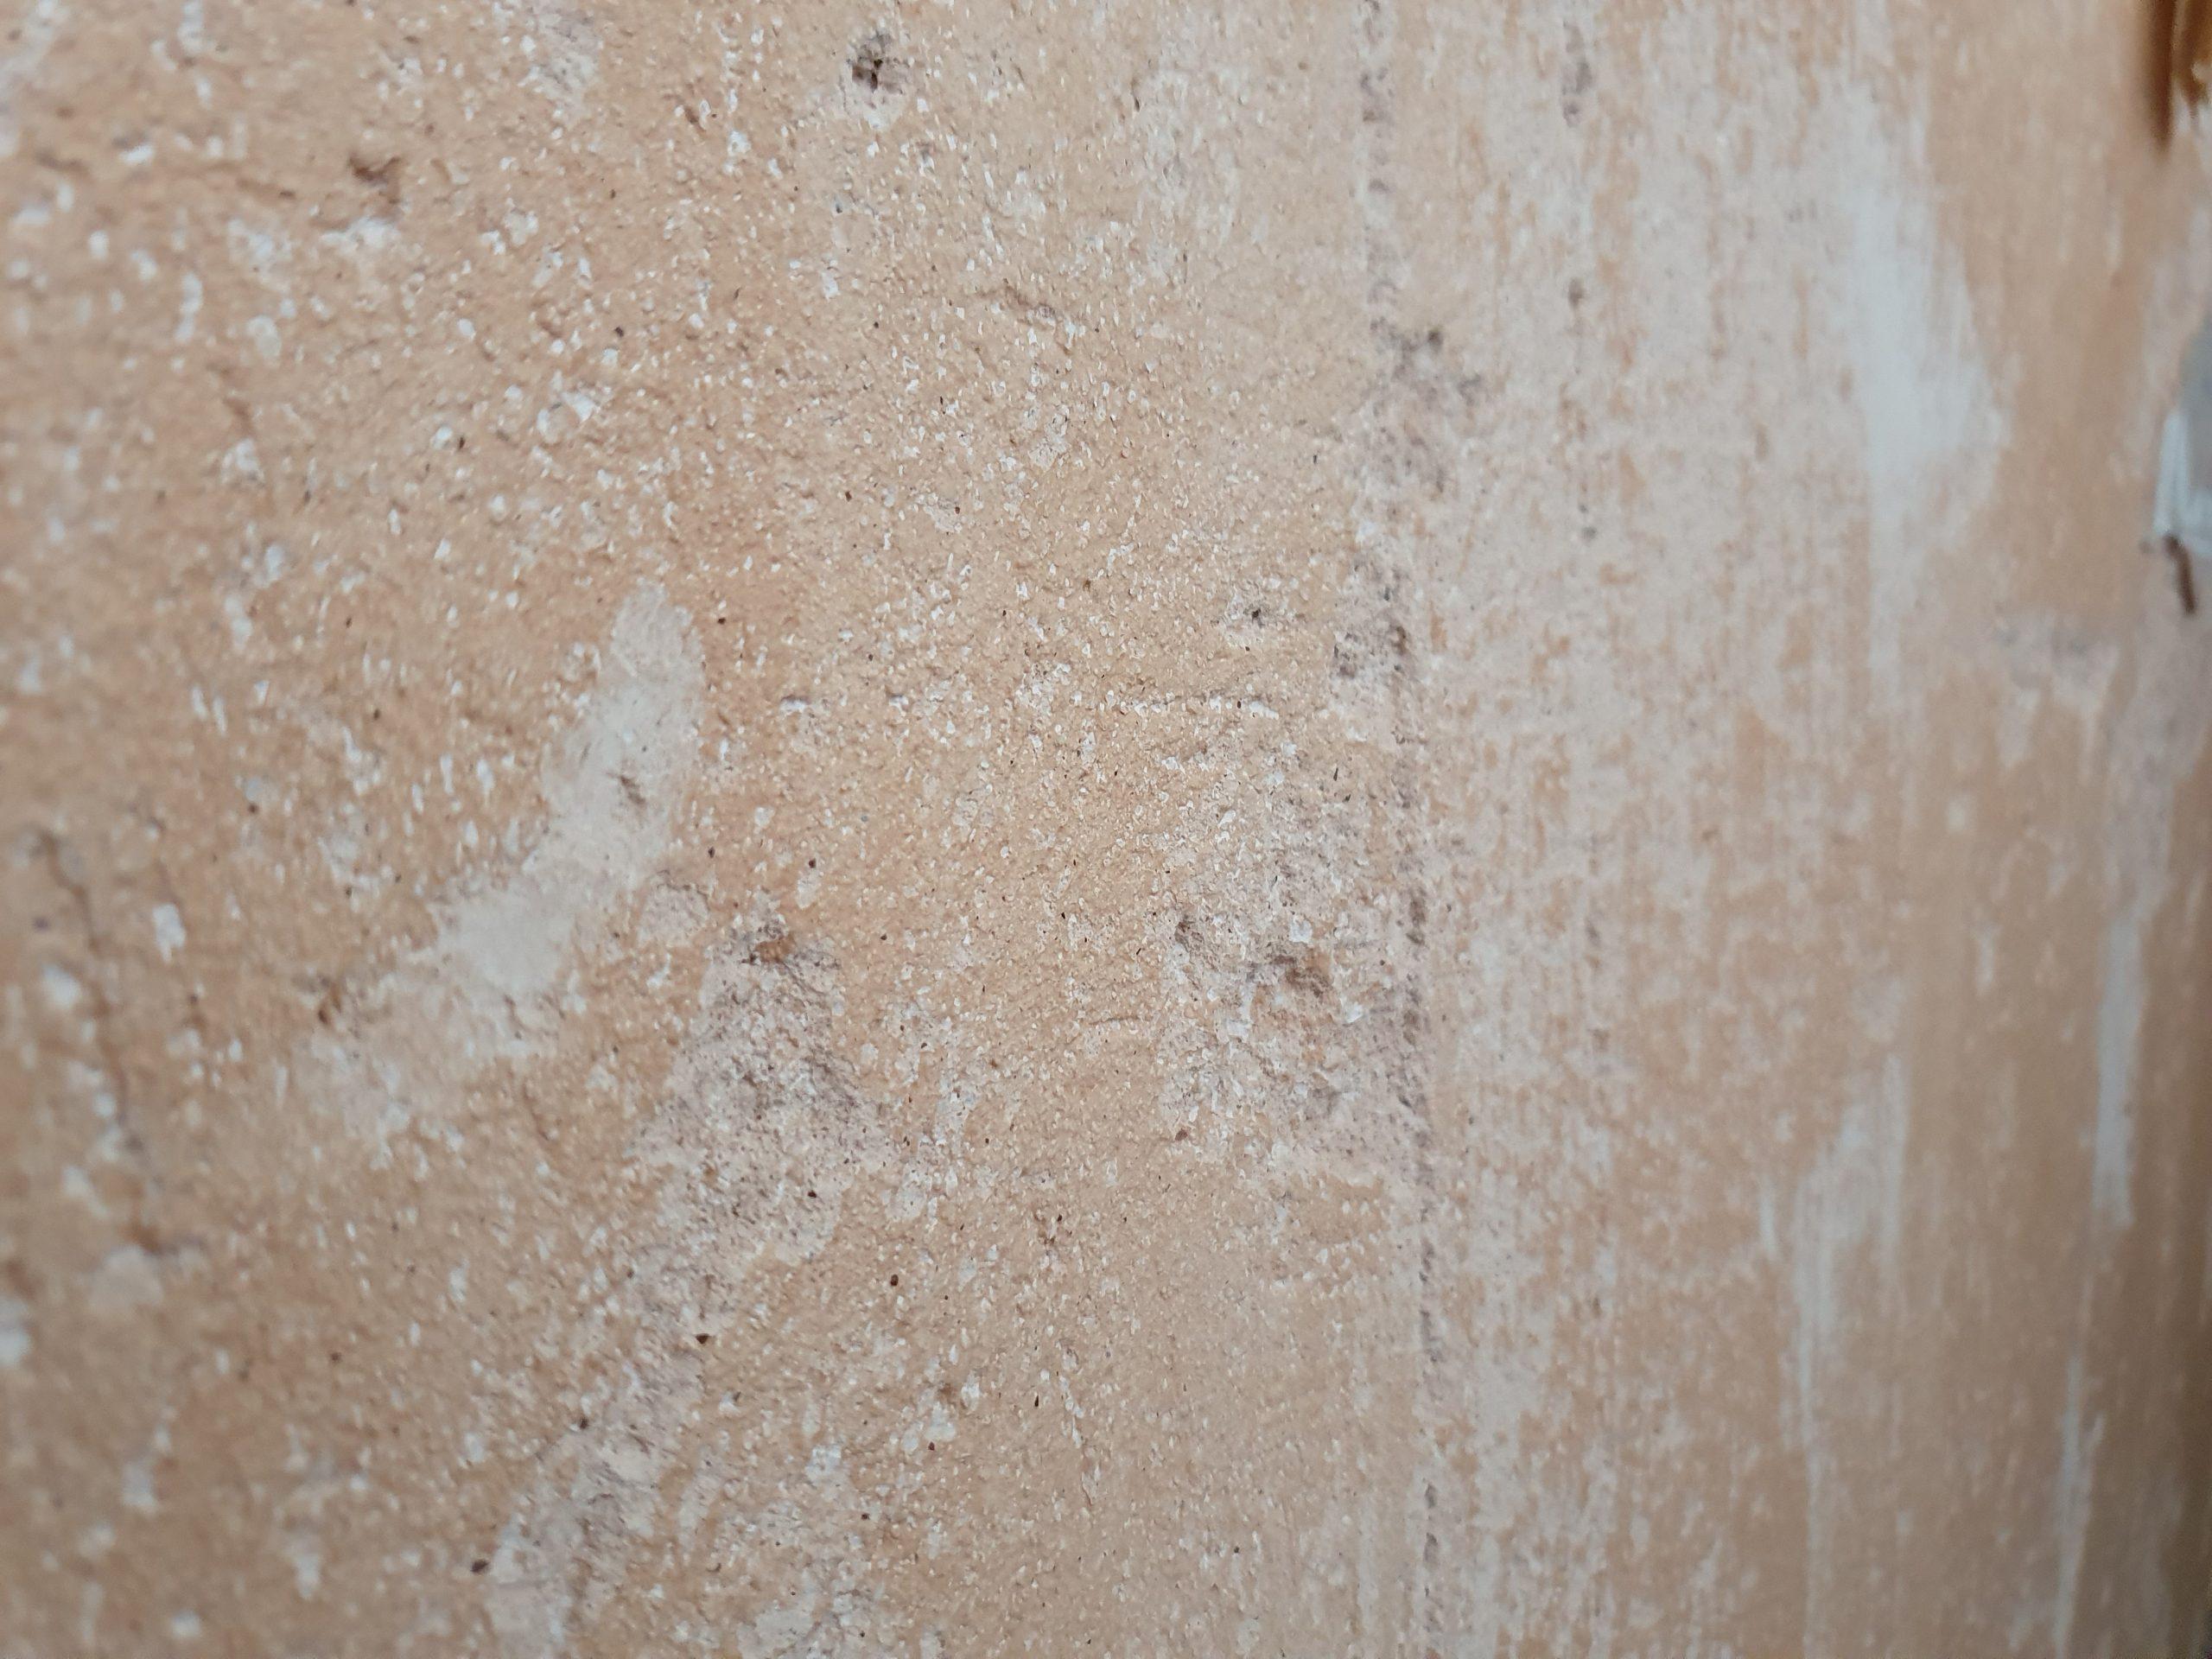 lime plaster cracks